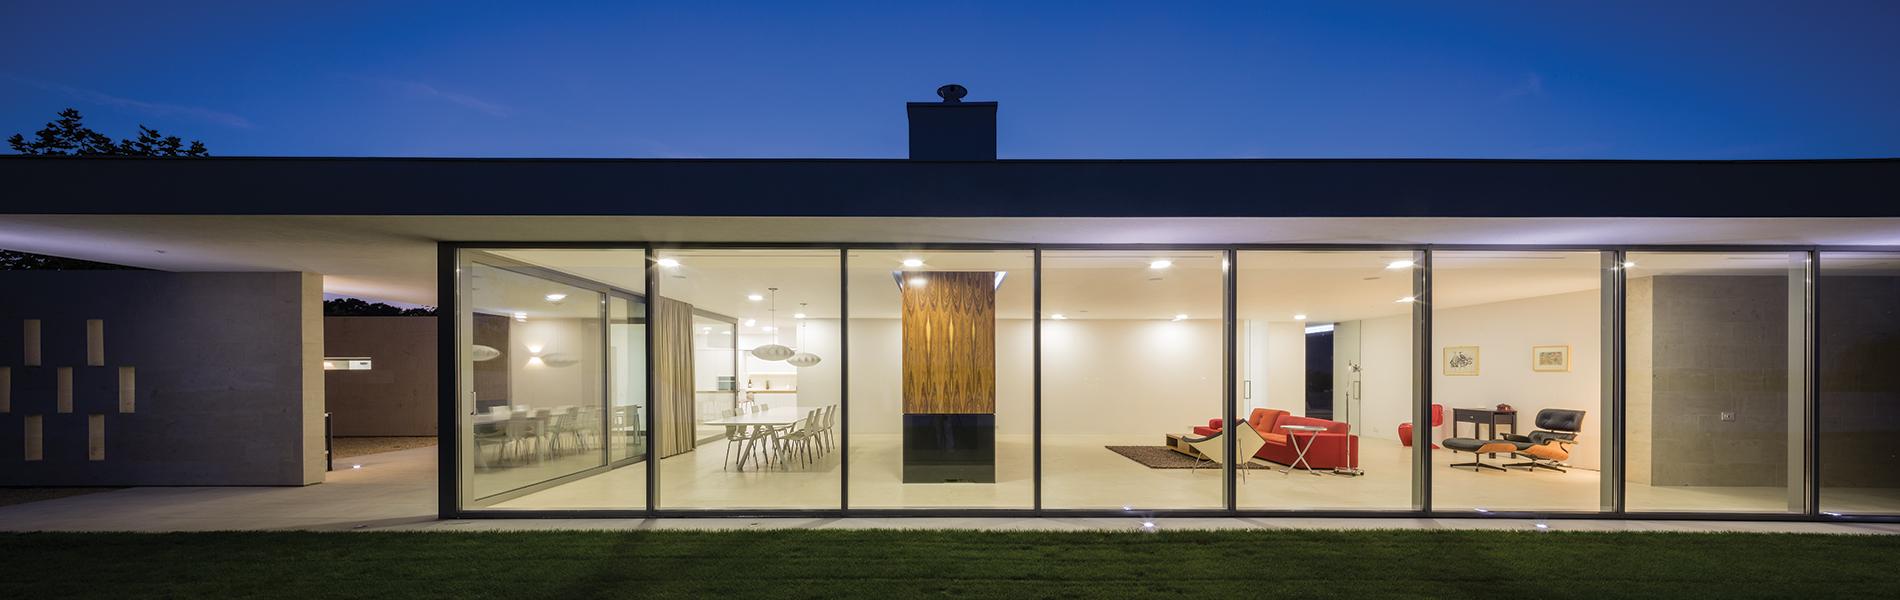 Aluminium Sliding Doors Reynaers At Home